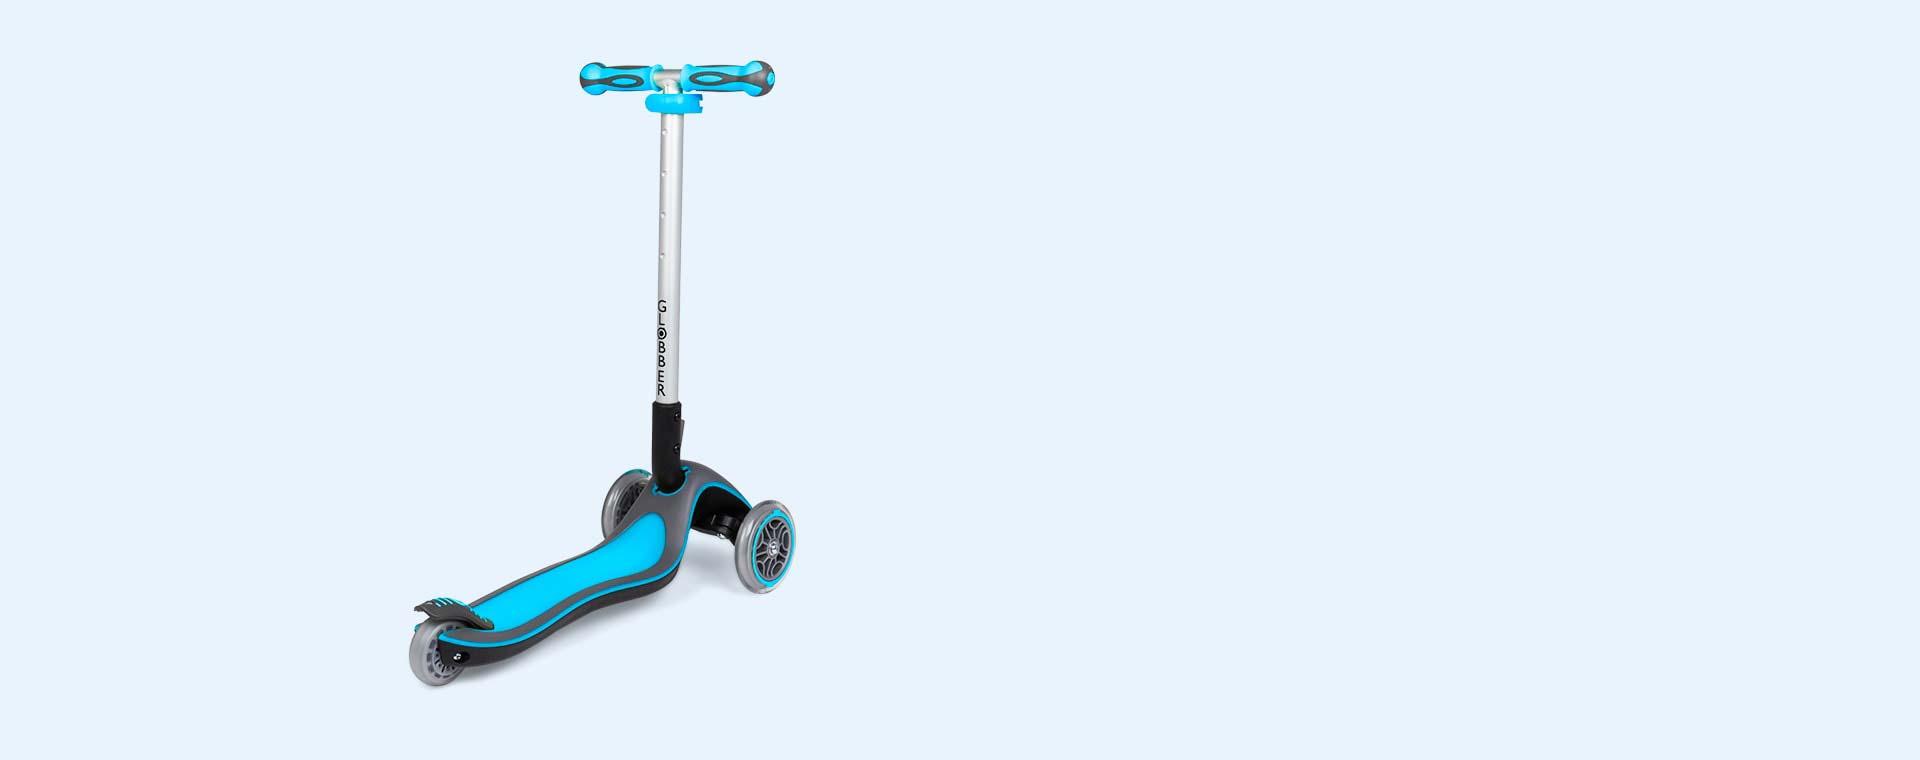 Sky Blue Globber My Free Fold Up Scooter